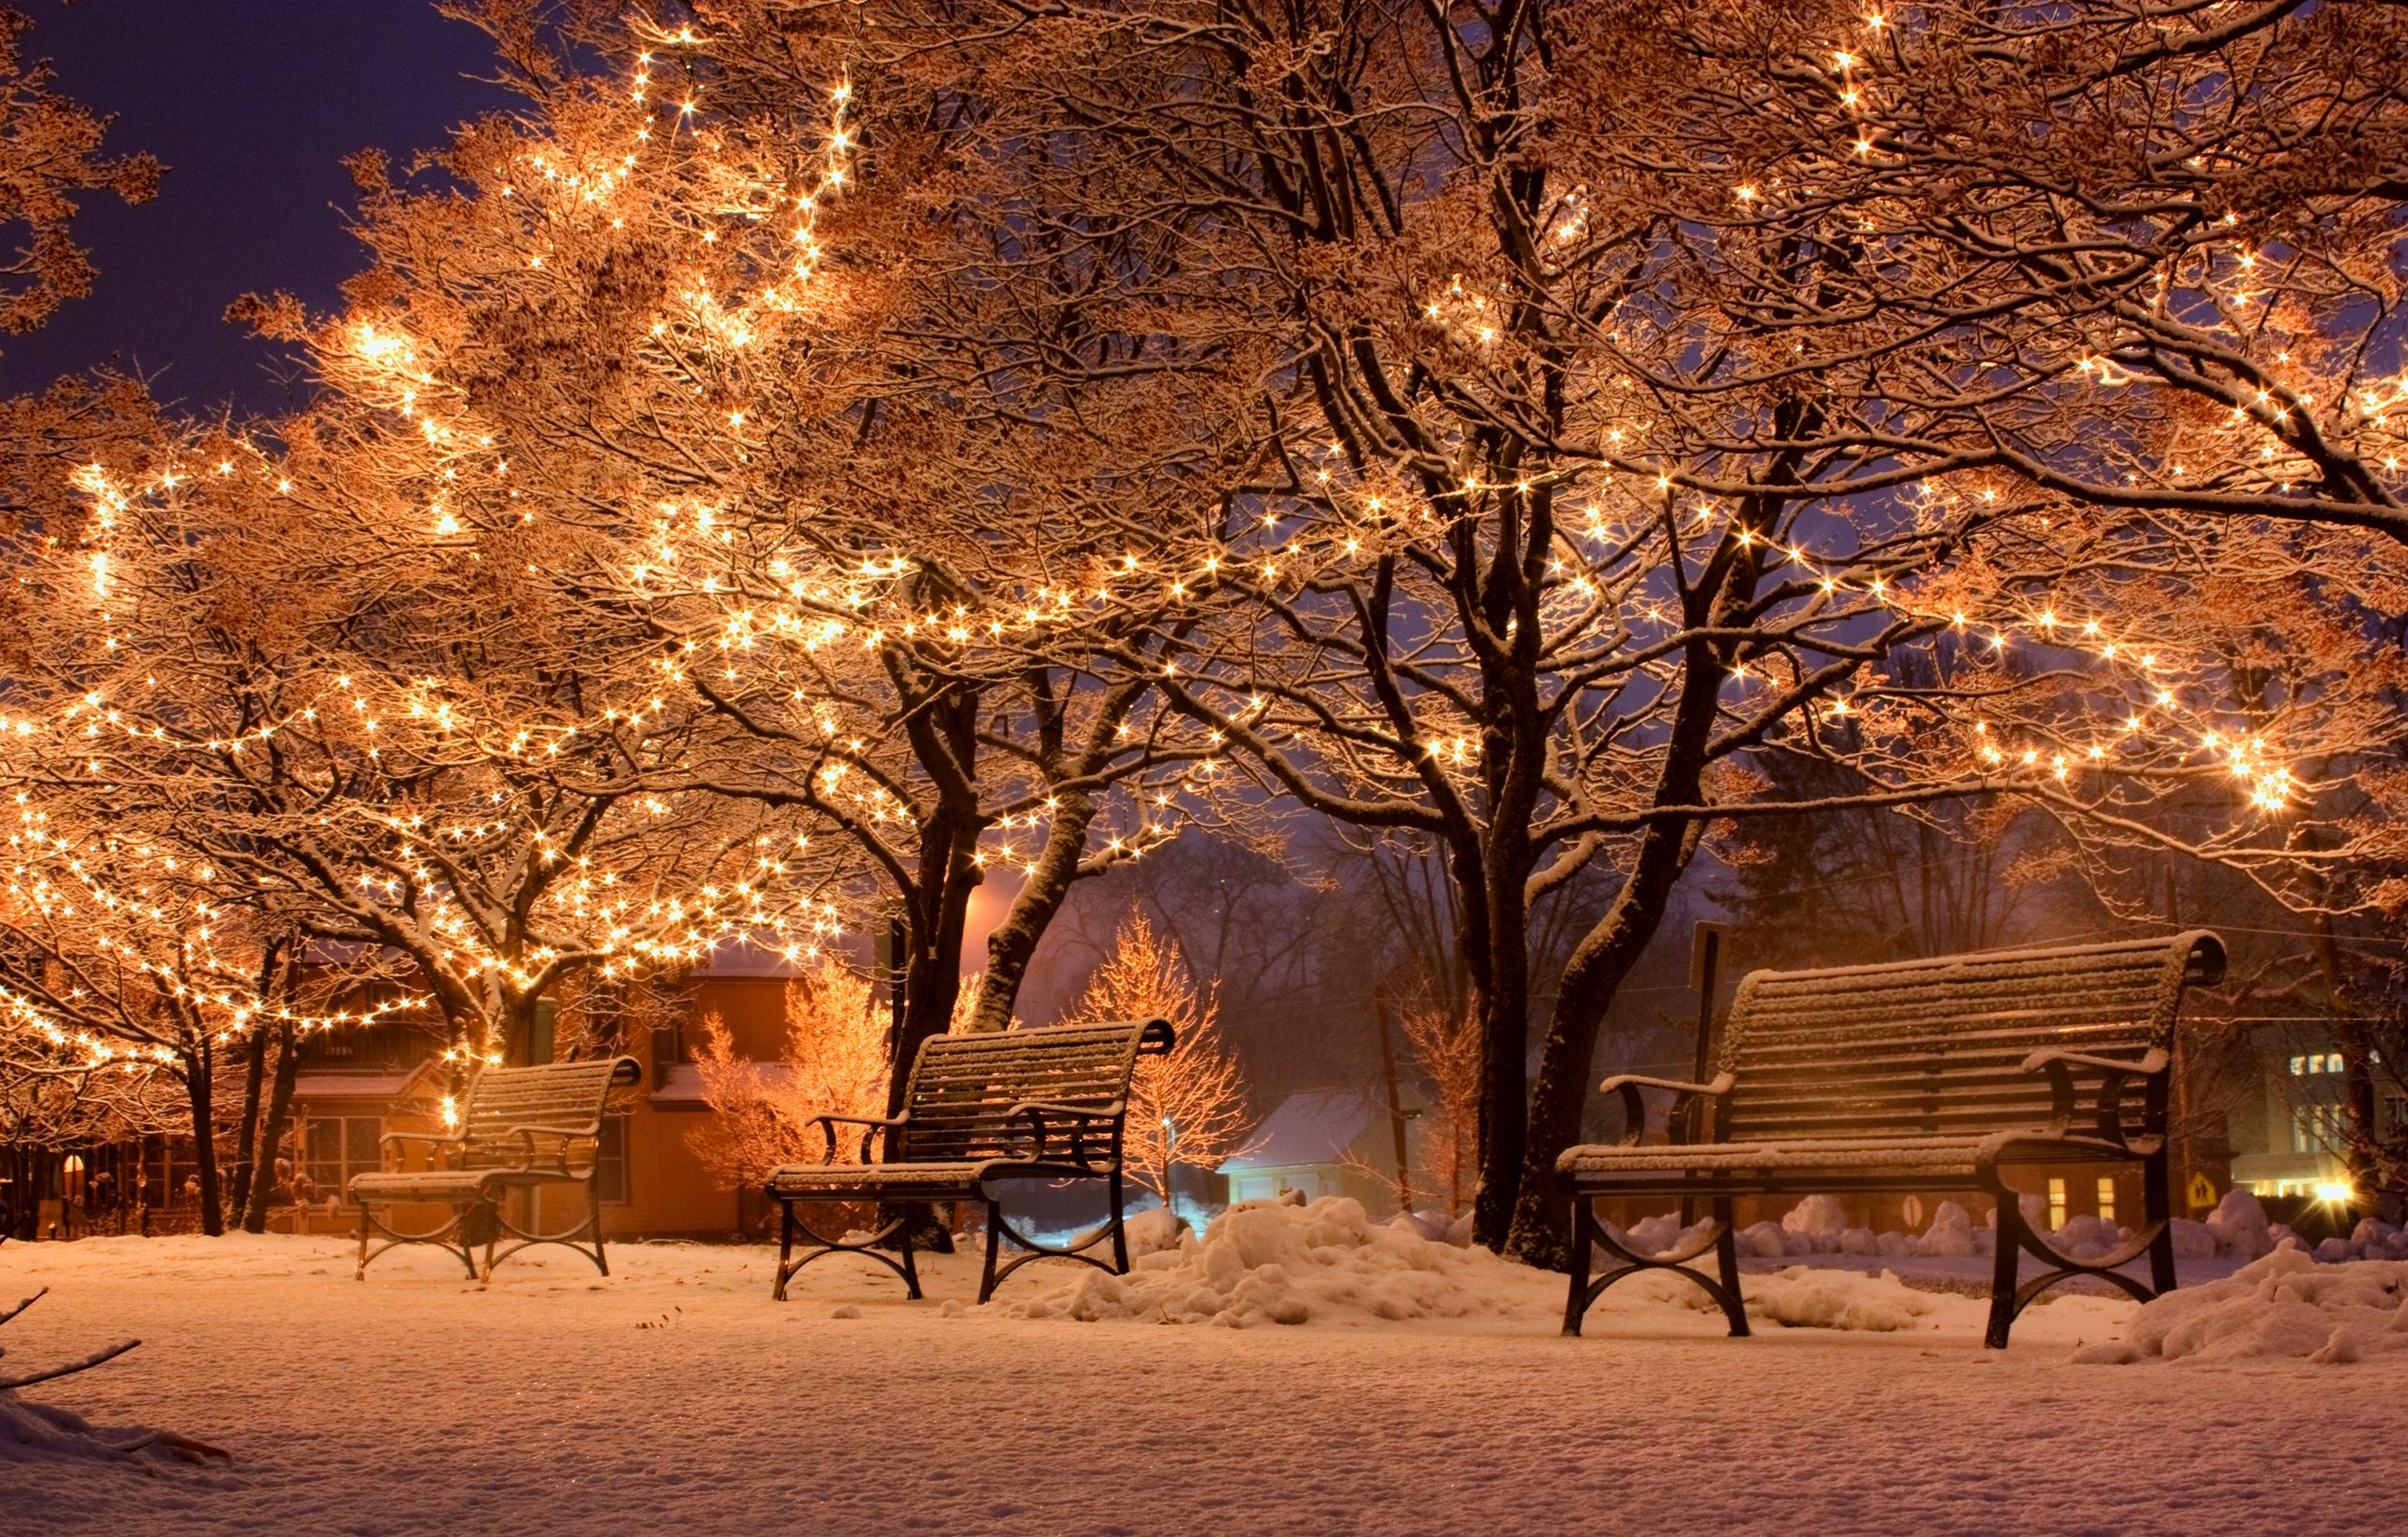 Картинки на рабочий стол зимний город на весь экран красивые